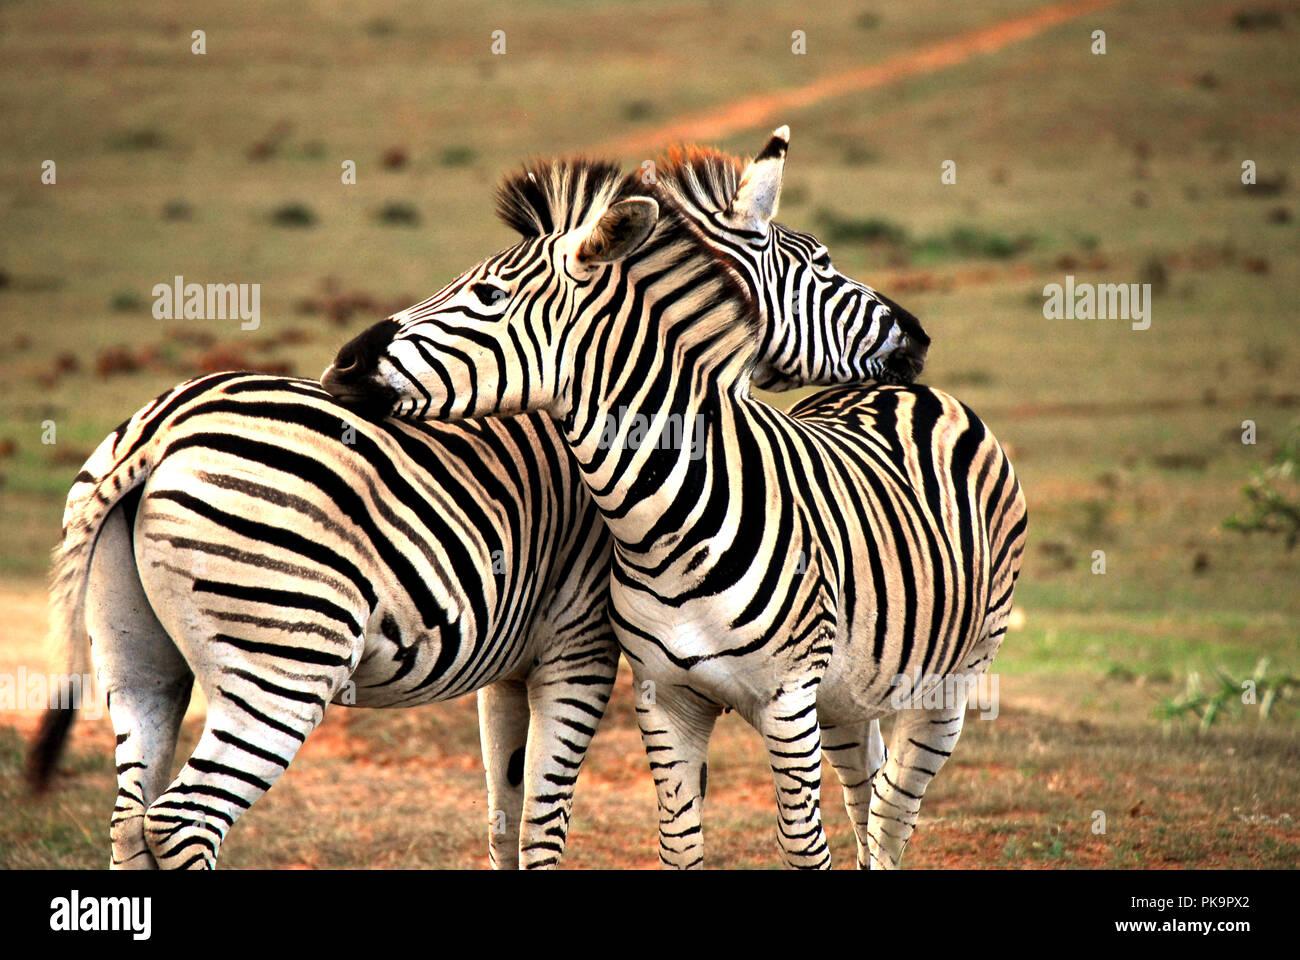 Une image pour vous faire sourire. Deux zèbres montrer de l'affection par le repos de leurs têtes sur les culottes. Un grand fond ou toile de fond. Photo Stock